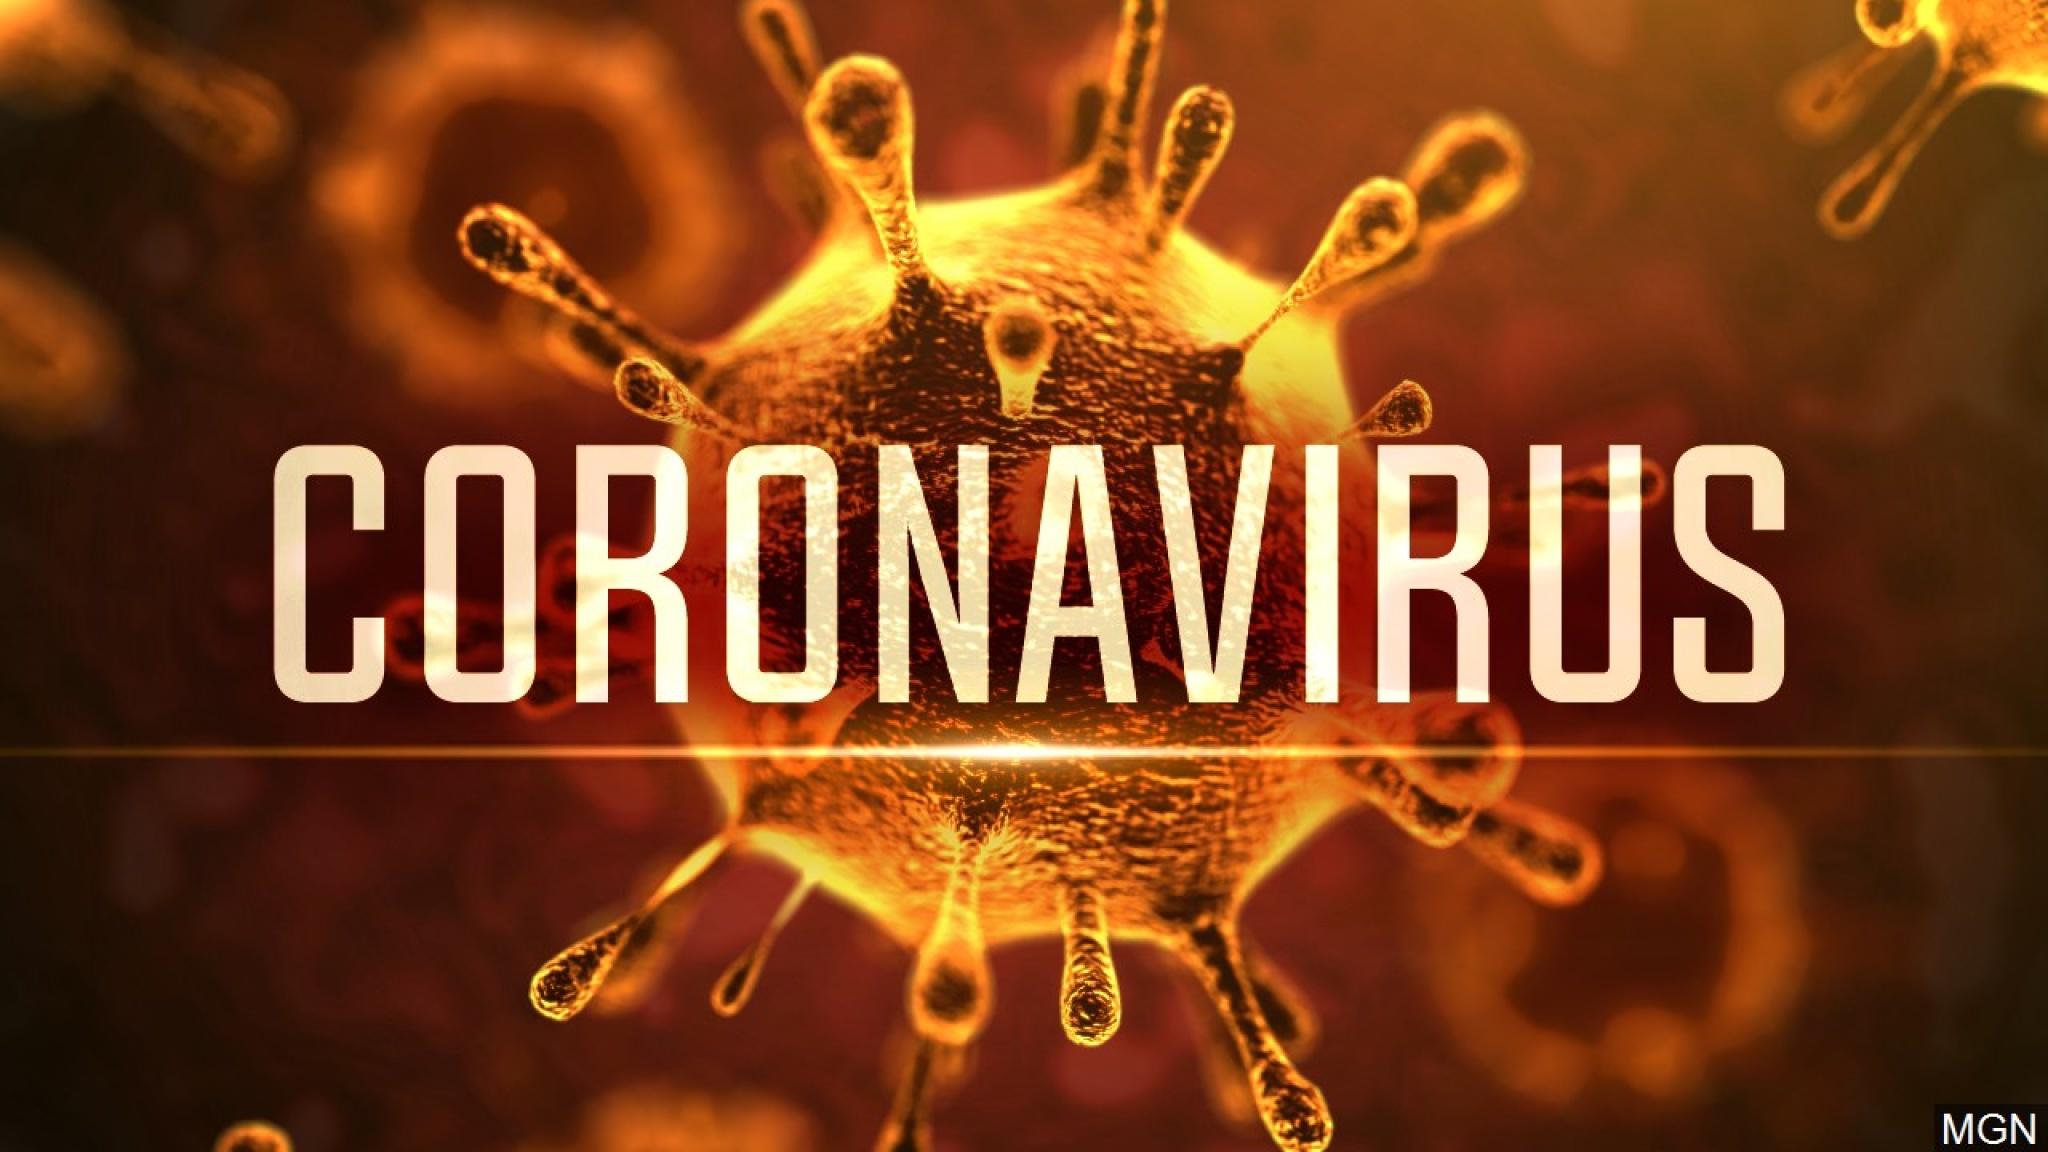 Coronavirus-2020-03-24 09:37:13